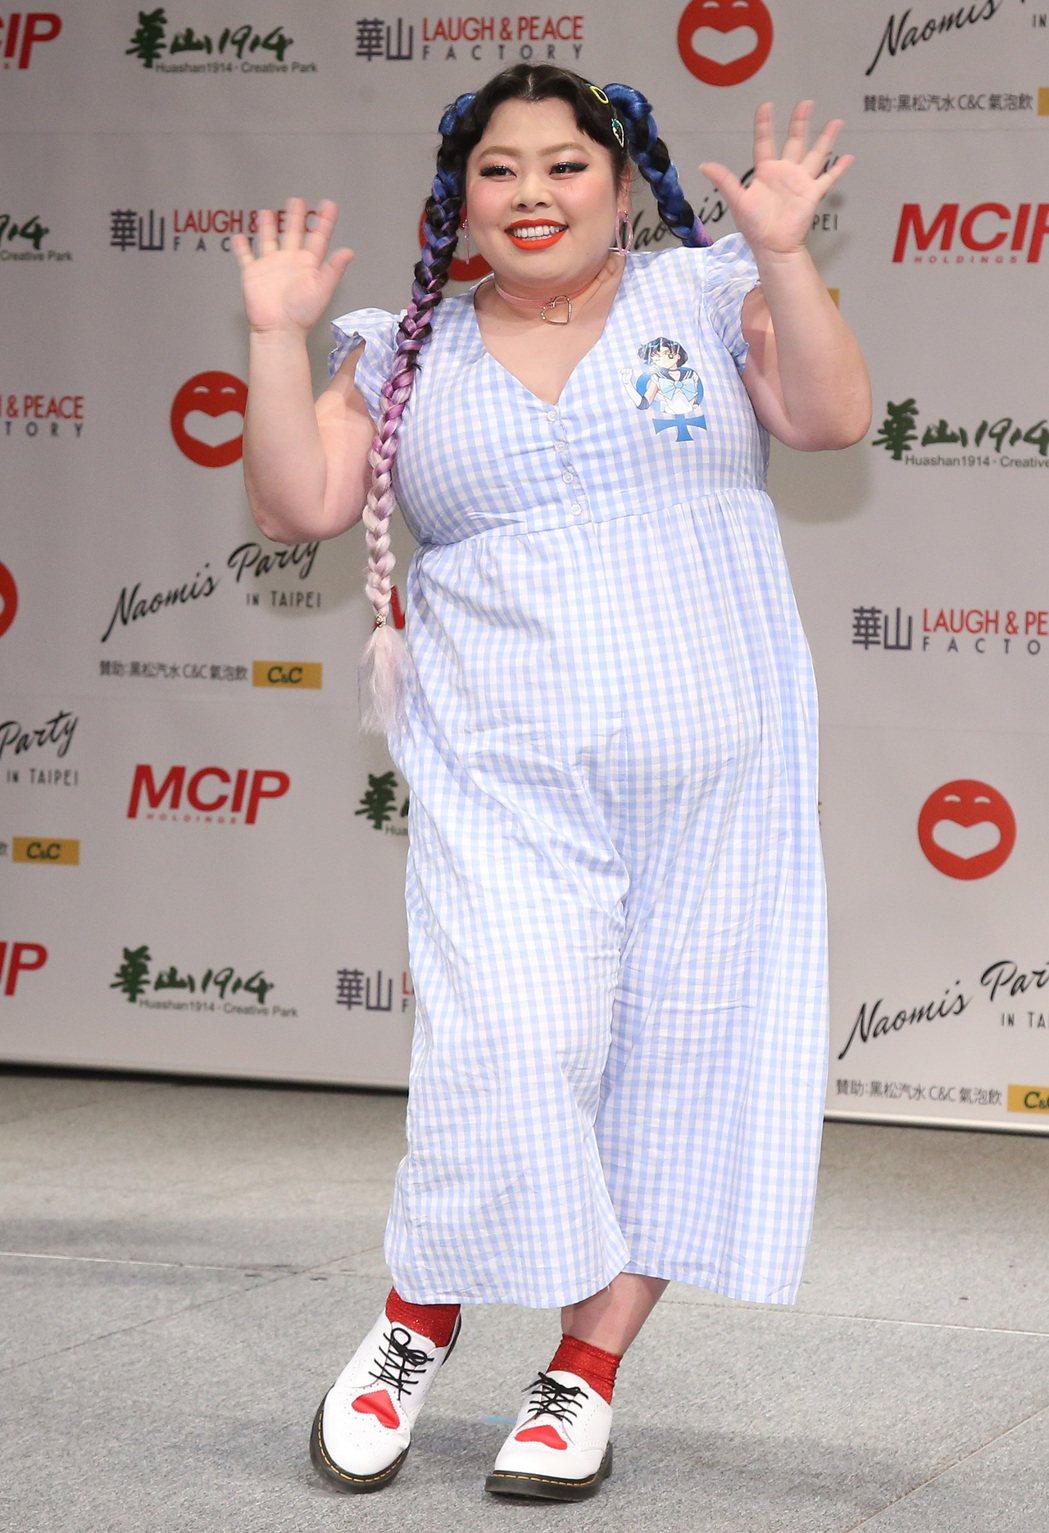 日本詼諧藝人渡邊直美特展將在台灣舉辦,日本吉本興業株式會社社長笑說,某次和渡邊直